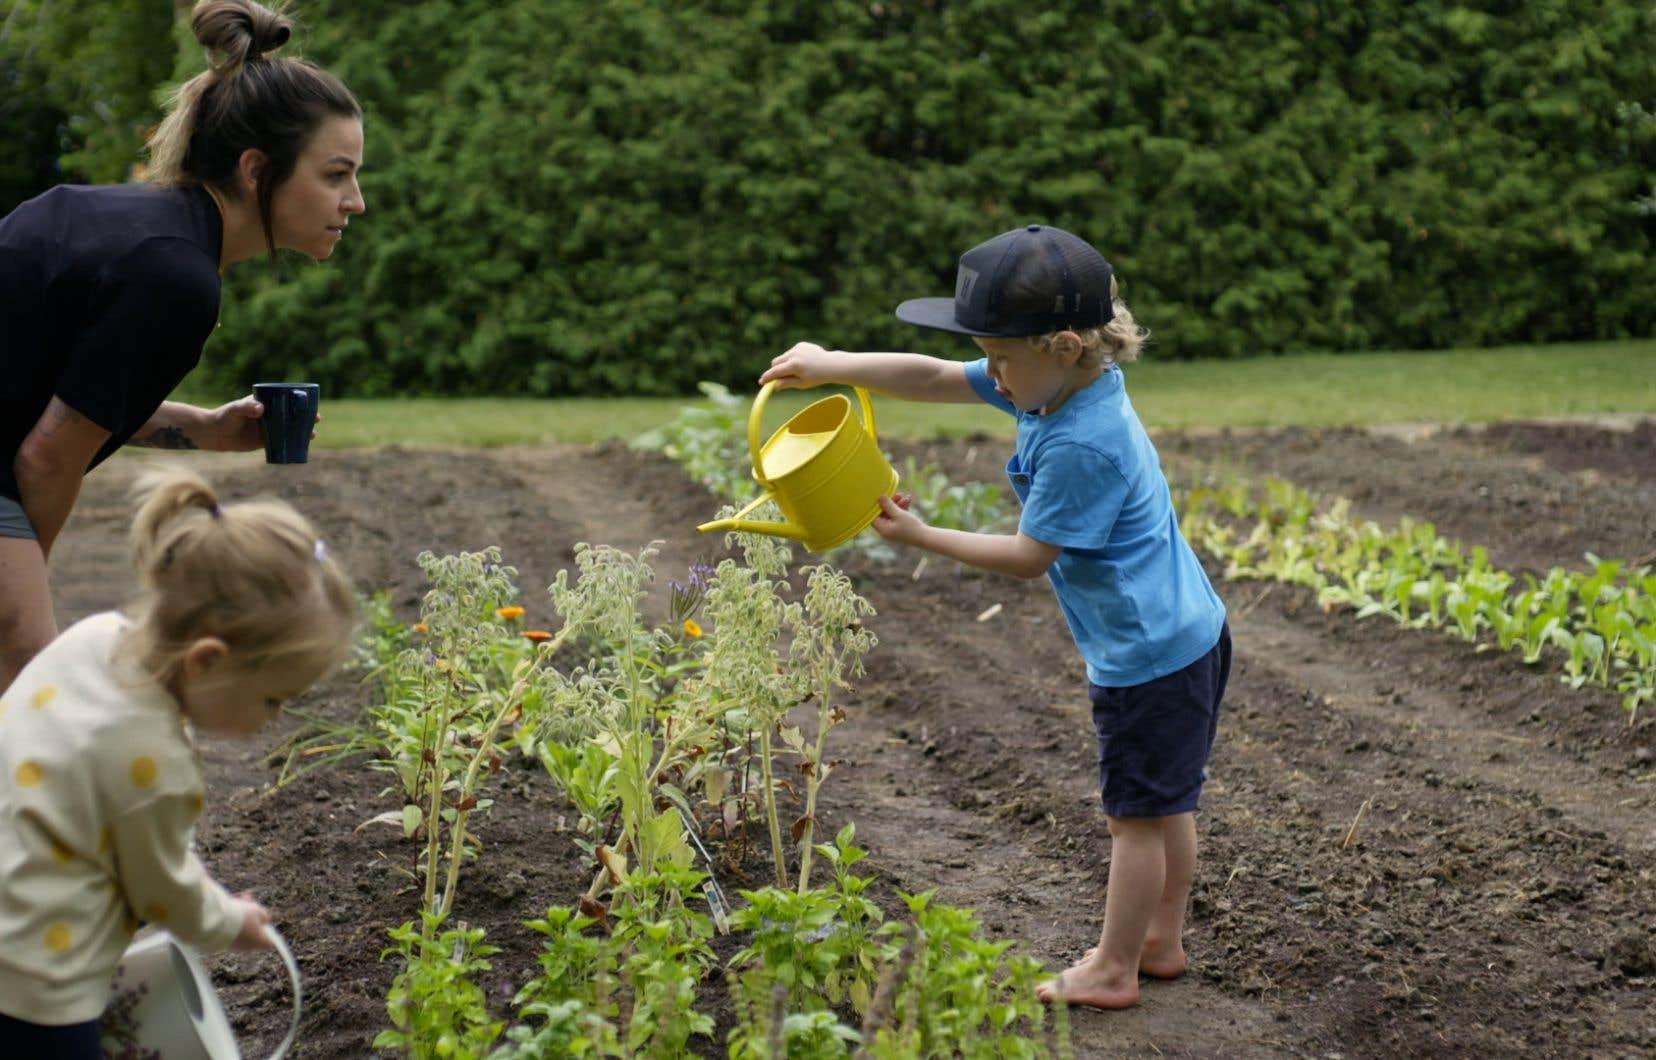 La nourrissante série documentaire suit deux familles prêtes à mettre du temps, du muscle, du cœur et de la sueur pour vivre une révolution agricole à petite échelle.